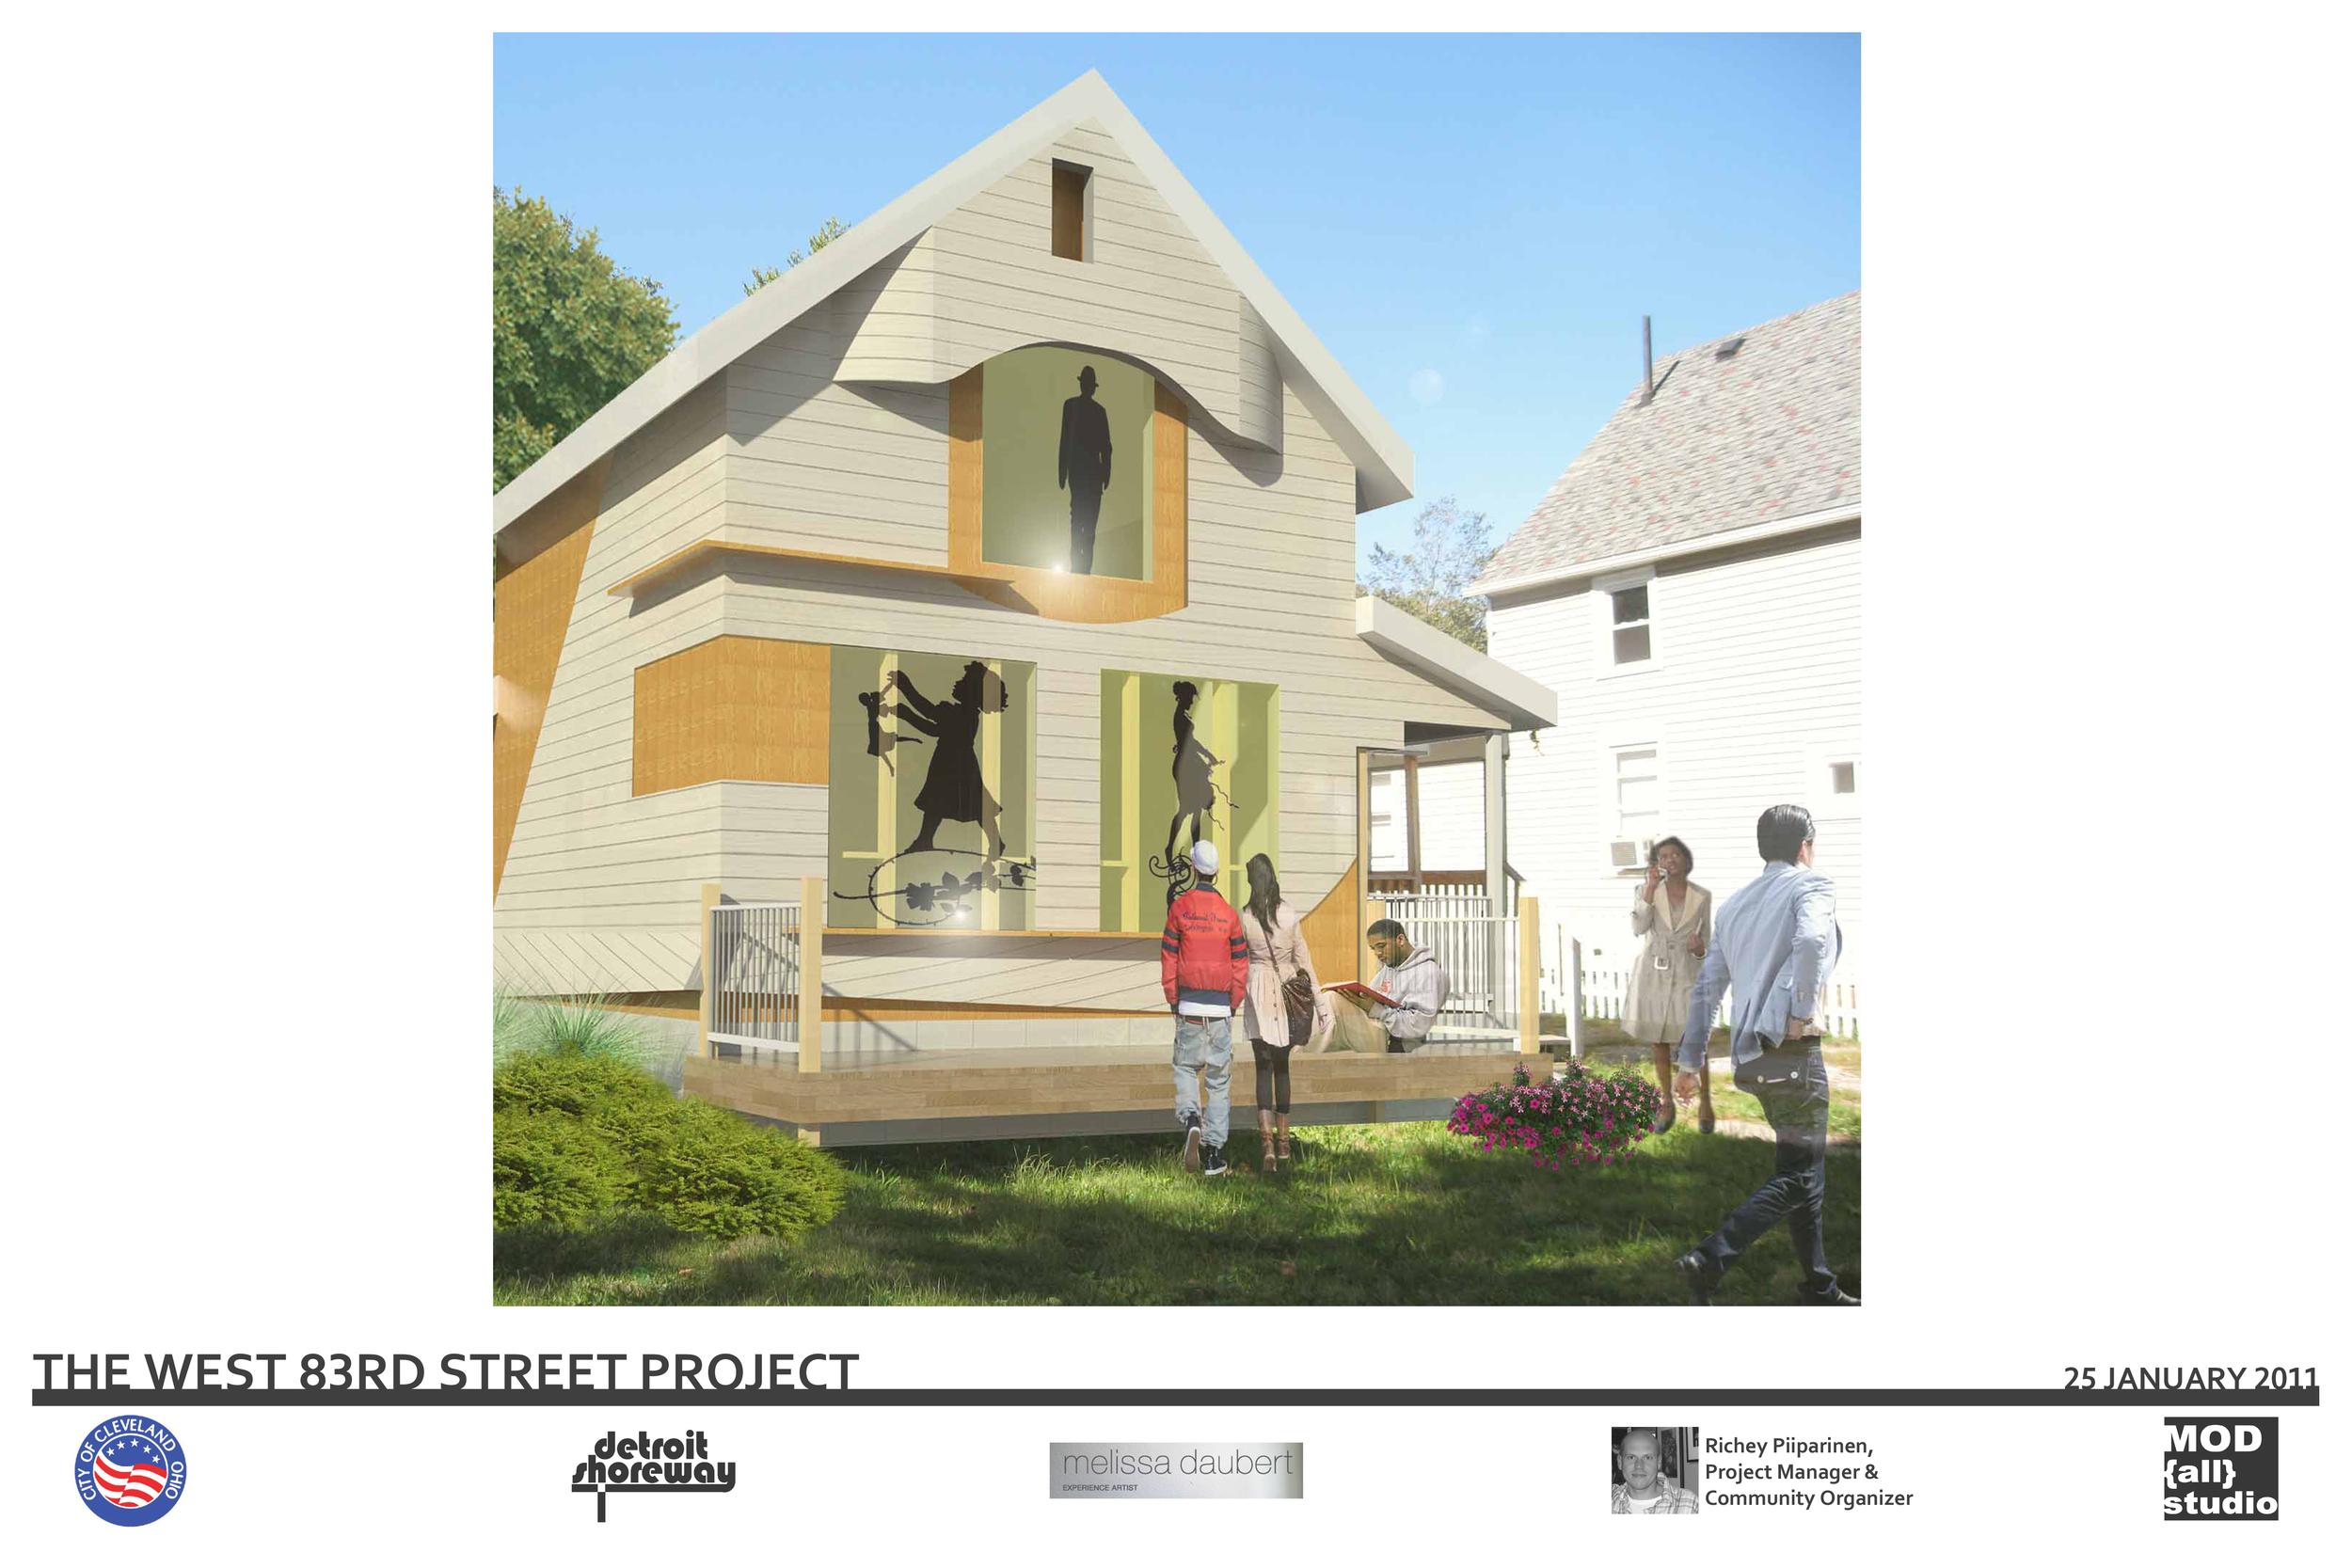 TheWest83rdStreetProject-20110125-Board1.jpg